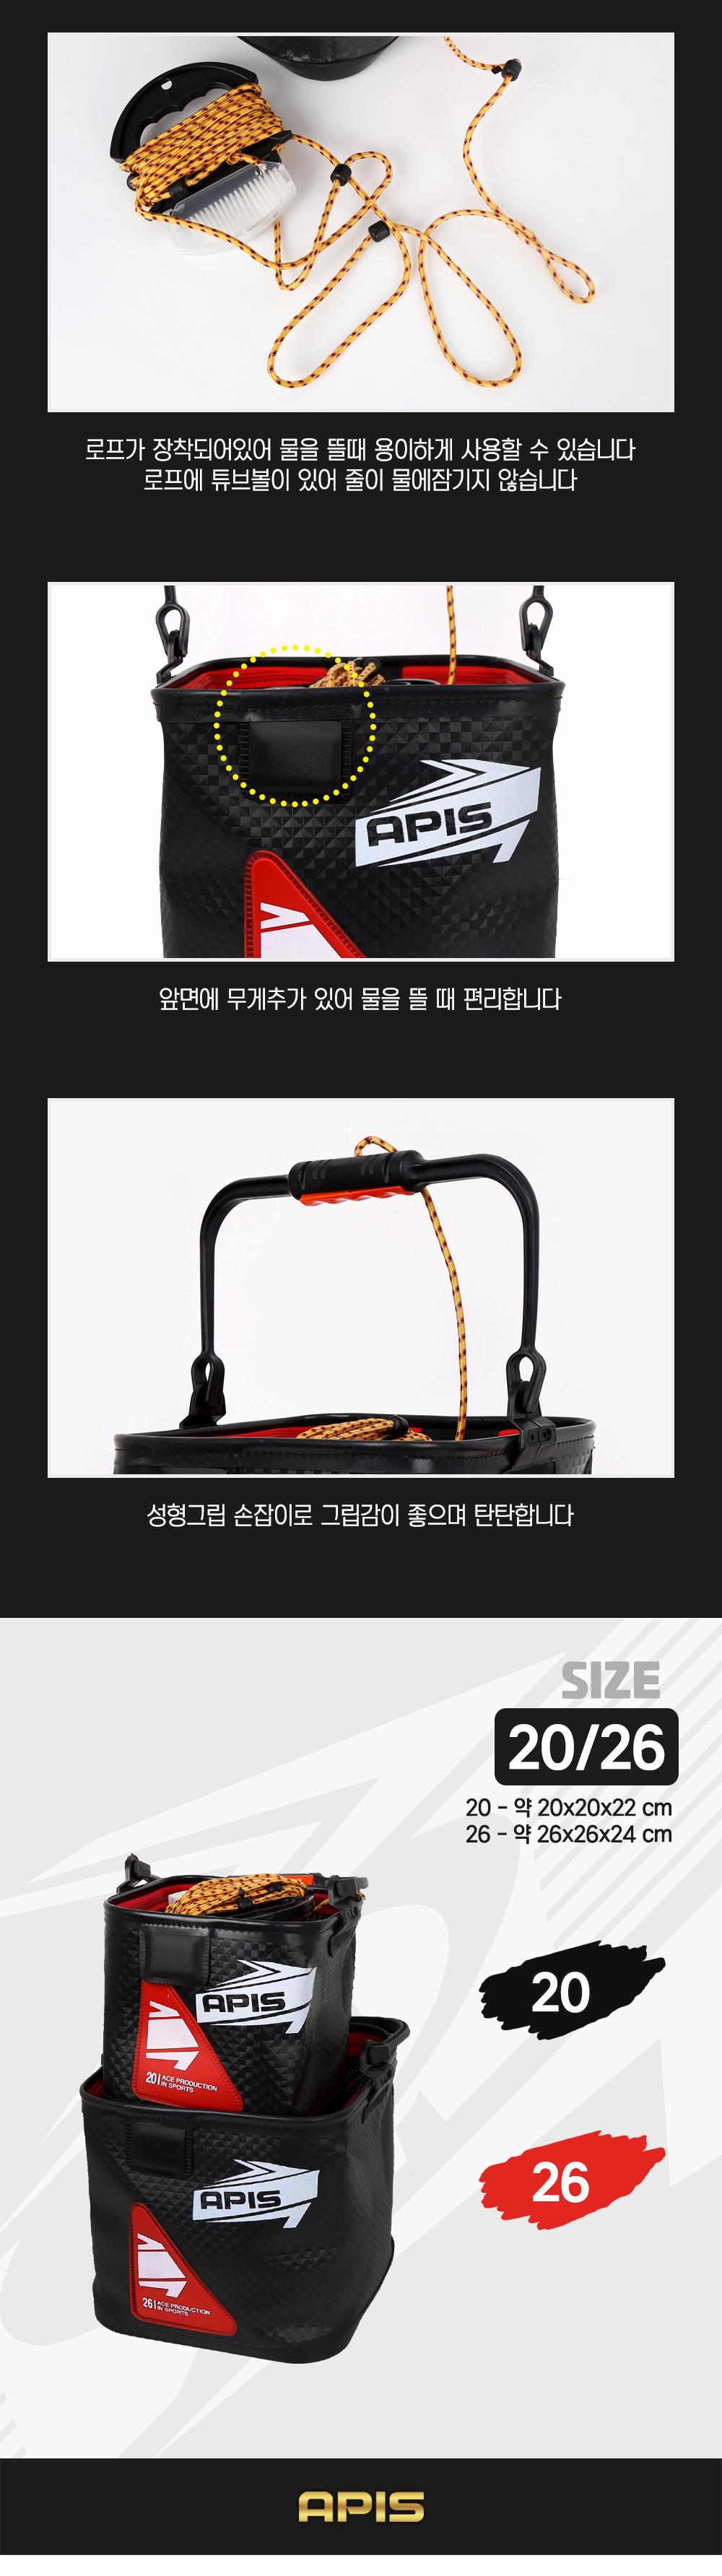 아피스 우본패턴 두레박 AP-BK3004 블랙 물통 청소통 두래박 뚜레박 두레박